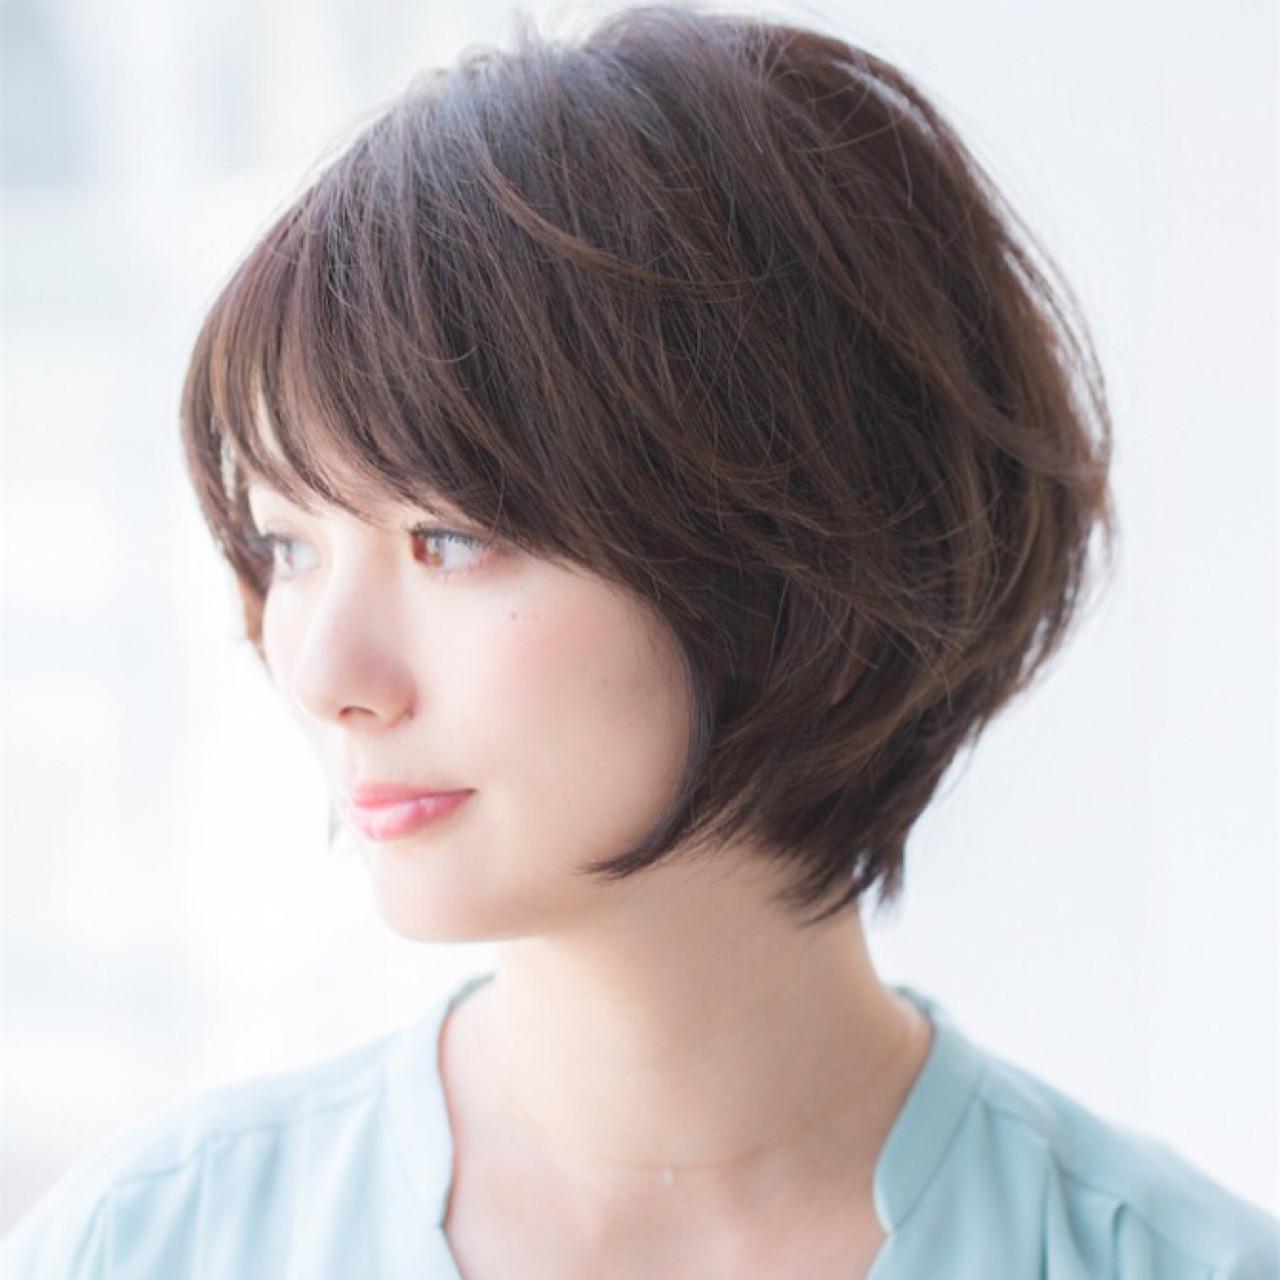 【顔型診断】顔の形で分かる!自分に似合う髪型って何?♡ NAOMI  Ramie